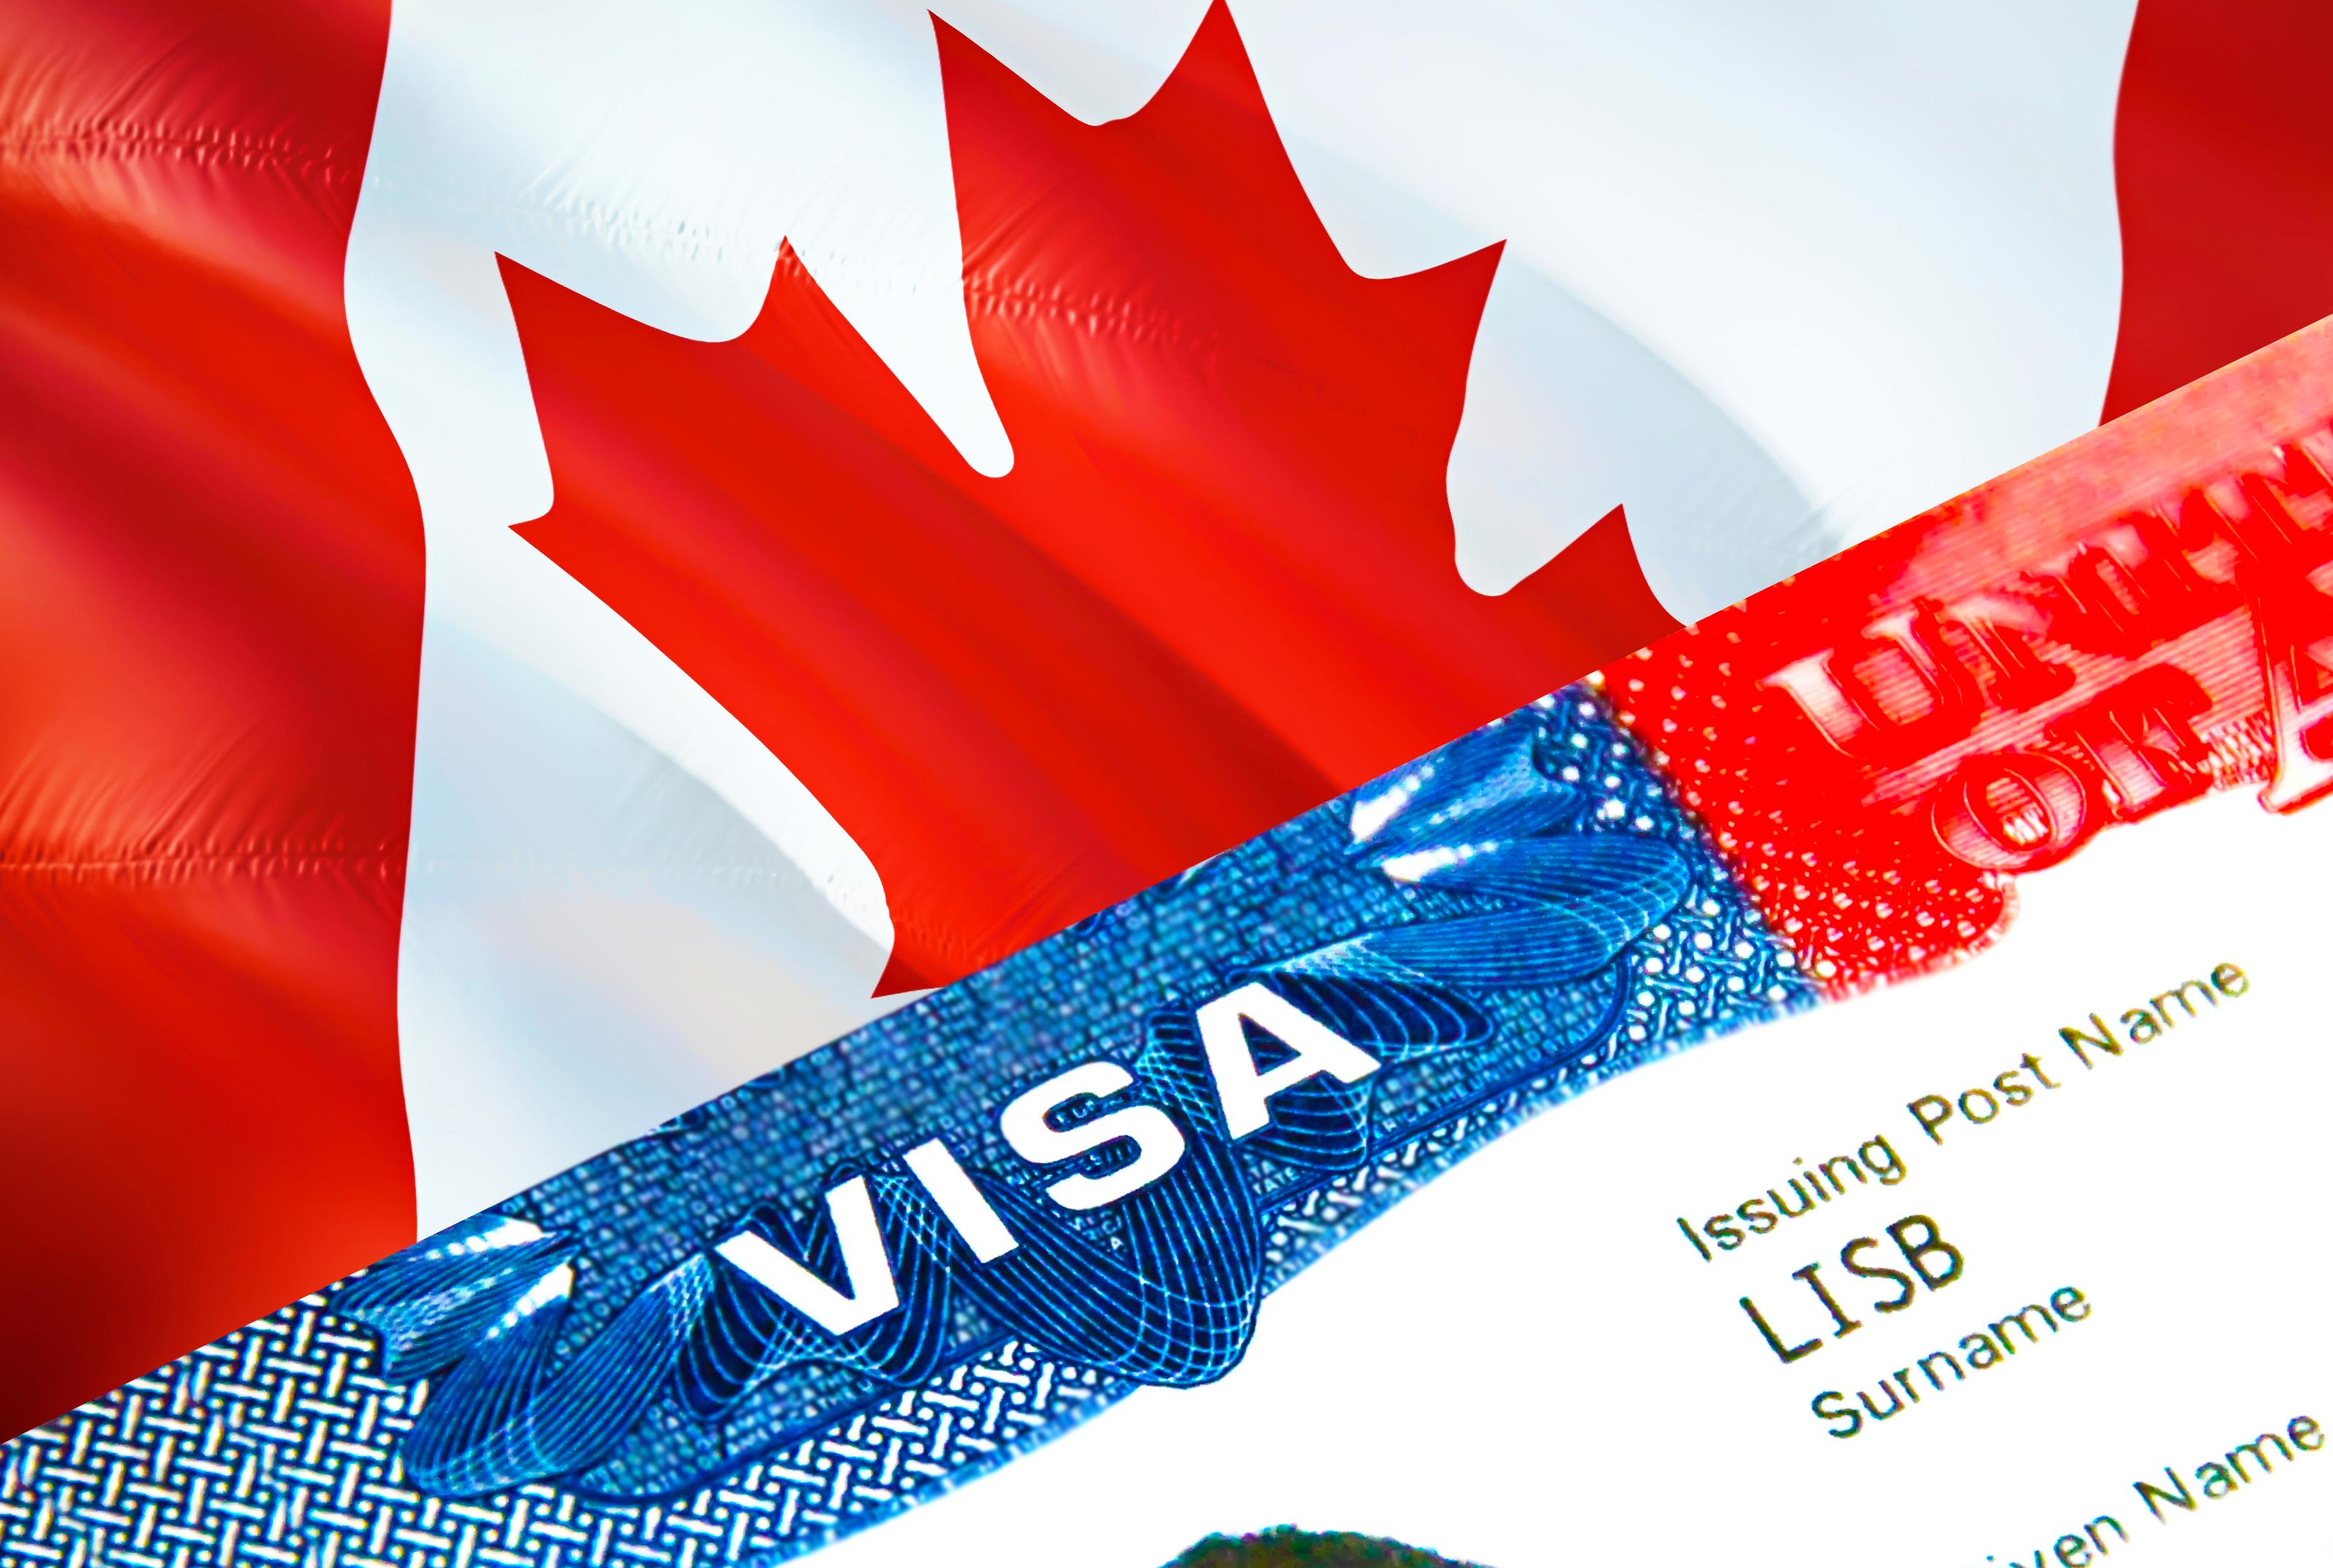 Канадский флаг и виза для ведения бизнеса в стране